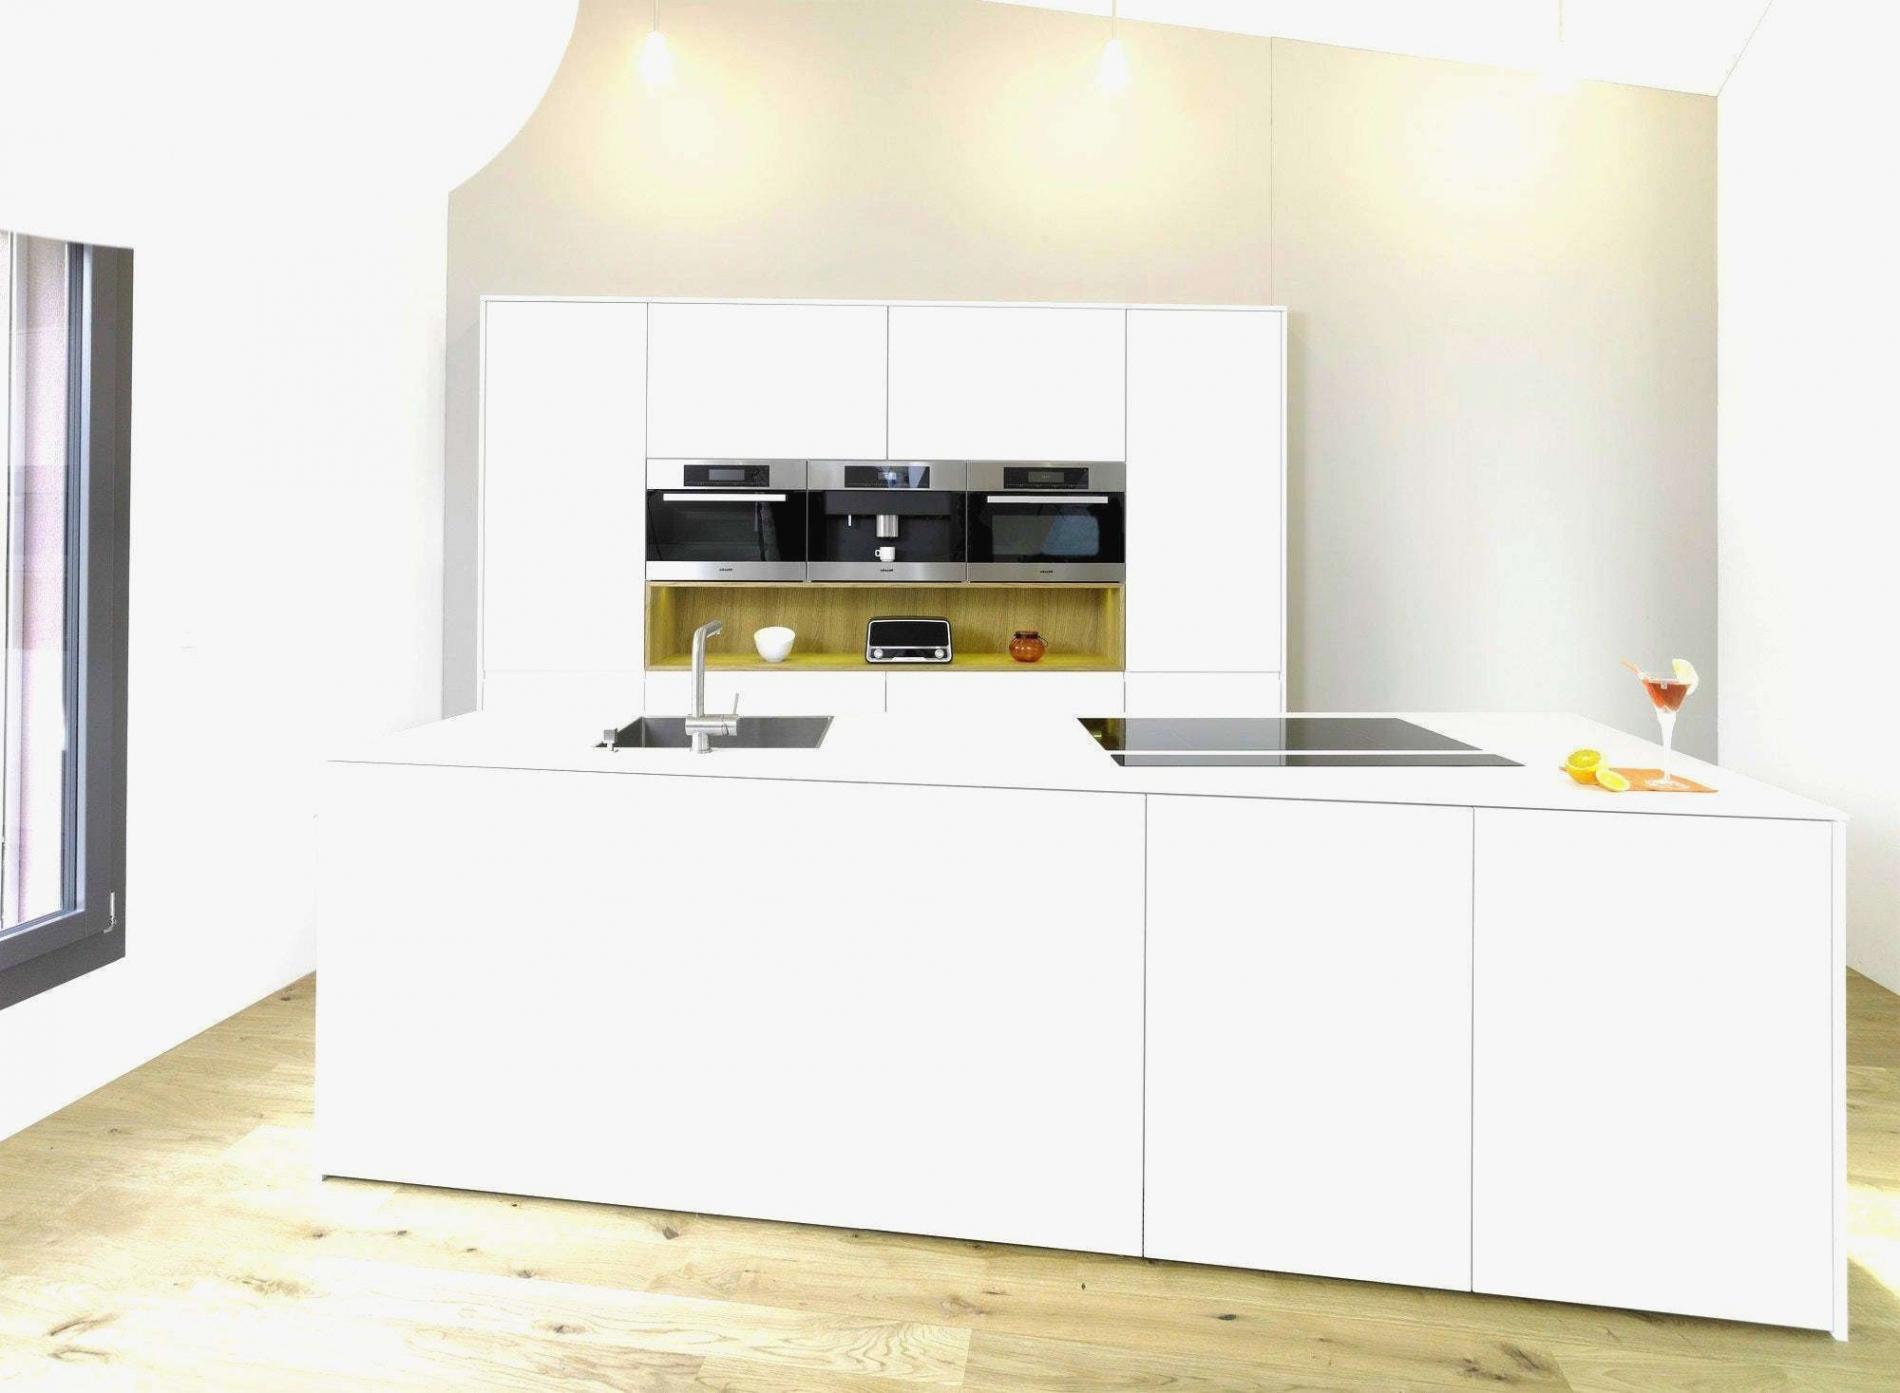 Full Size of 30 Möbel Hardeck Küchen Abbildung Küchendesign Ideen   Küchenfronten Neu Gestalten Küche Unterschrank Küche